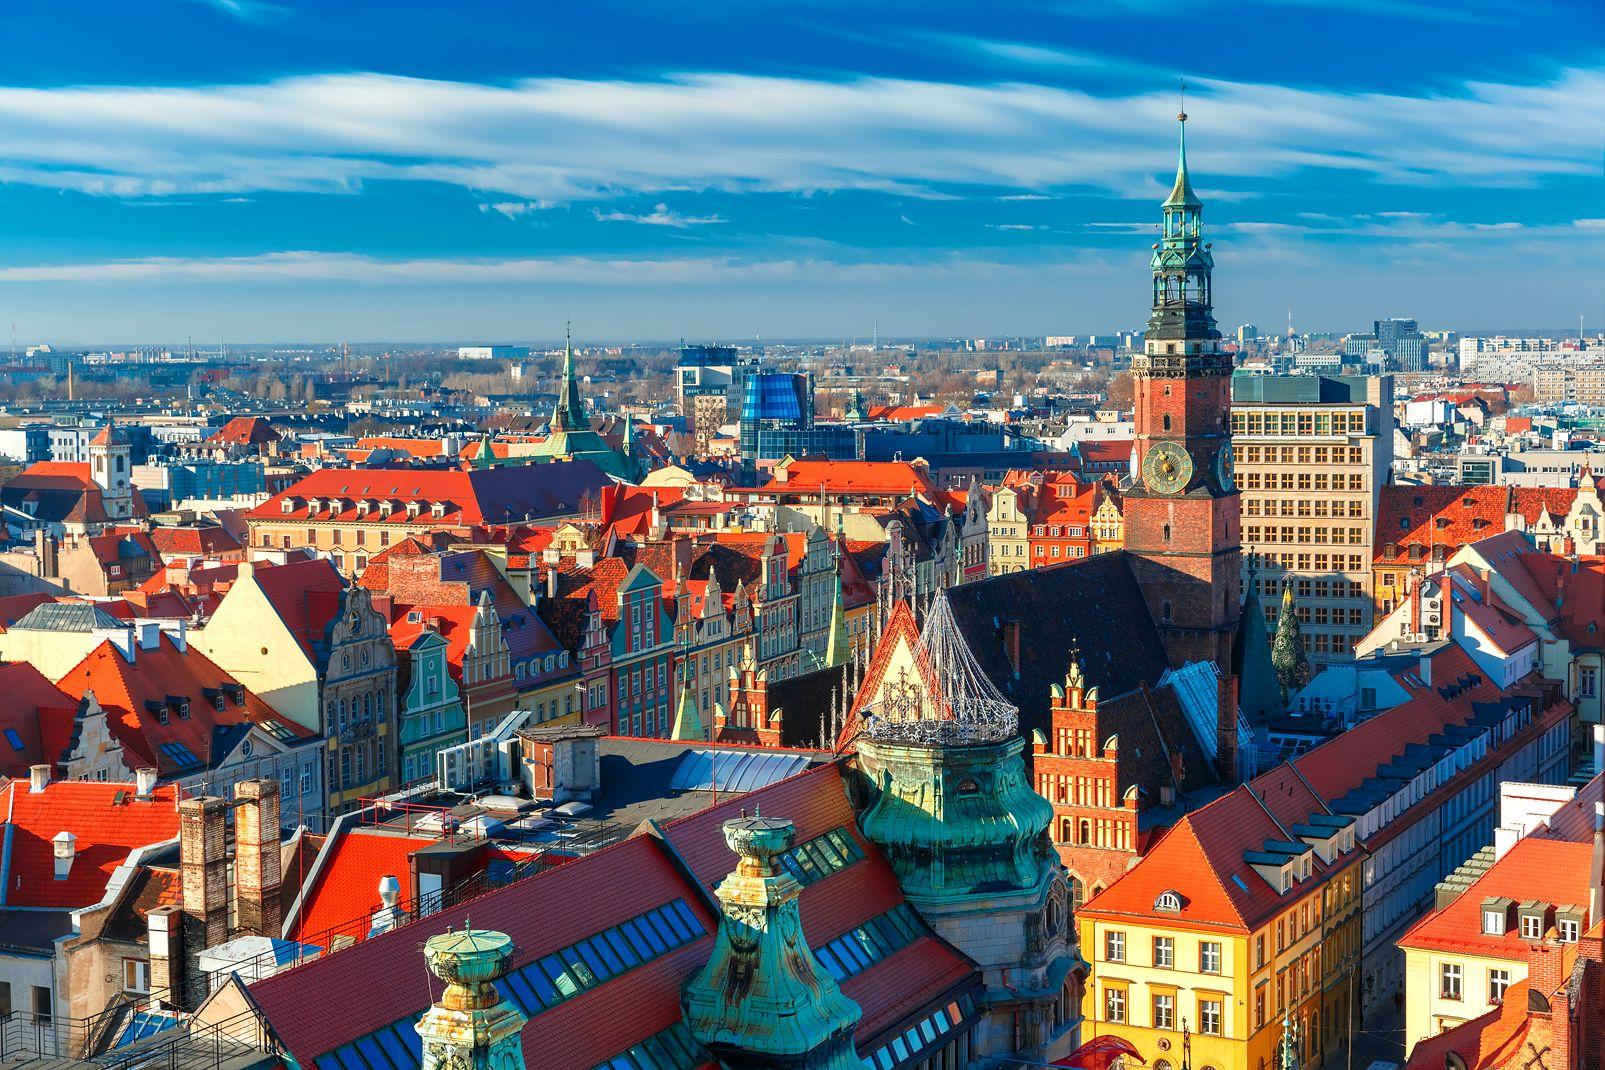 Pologne, 505970714